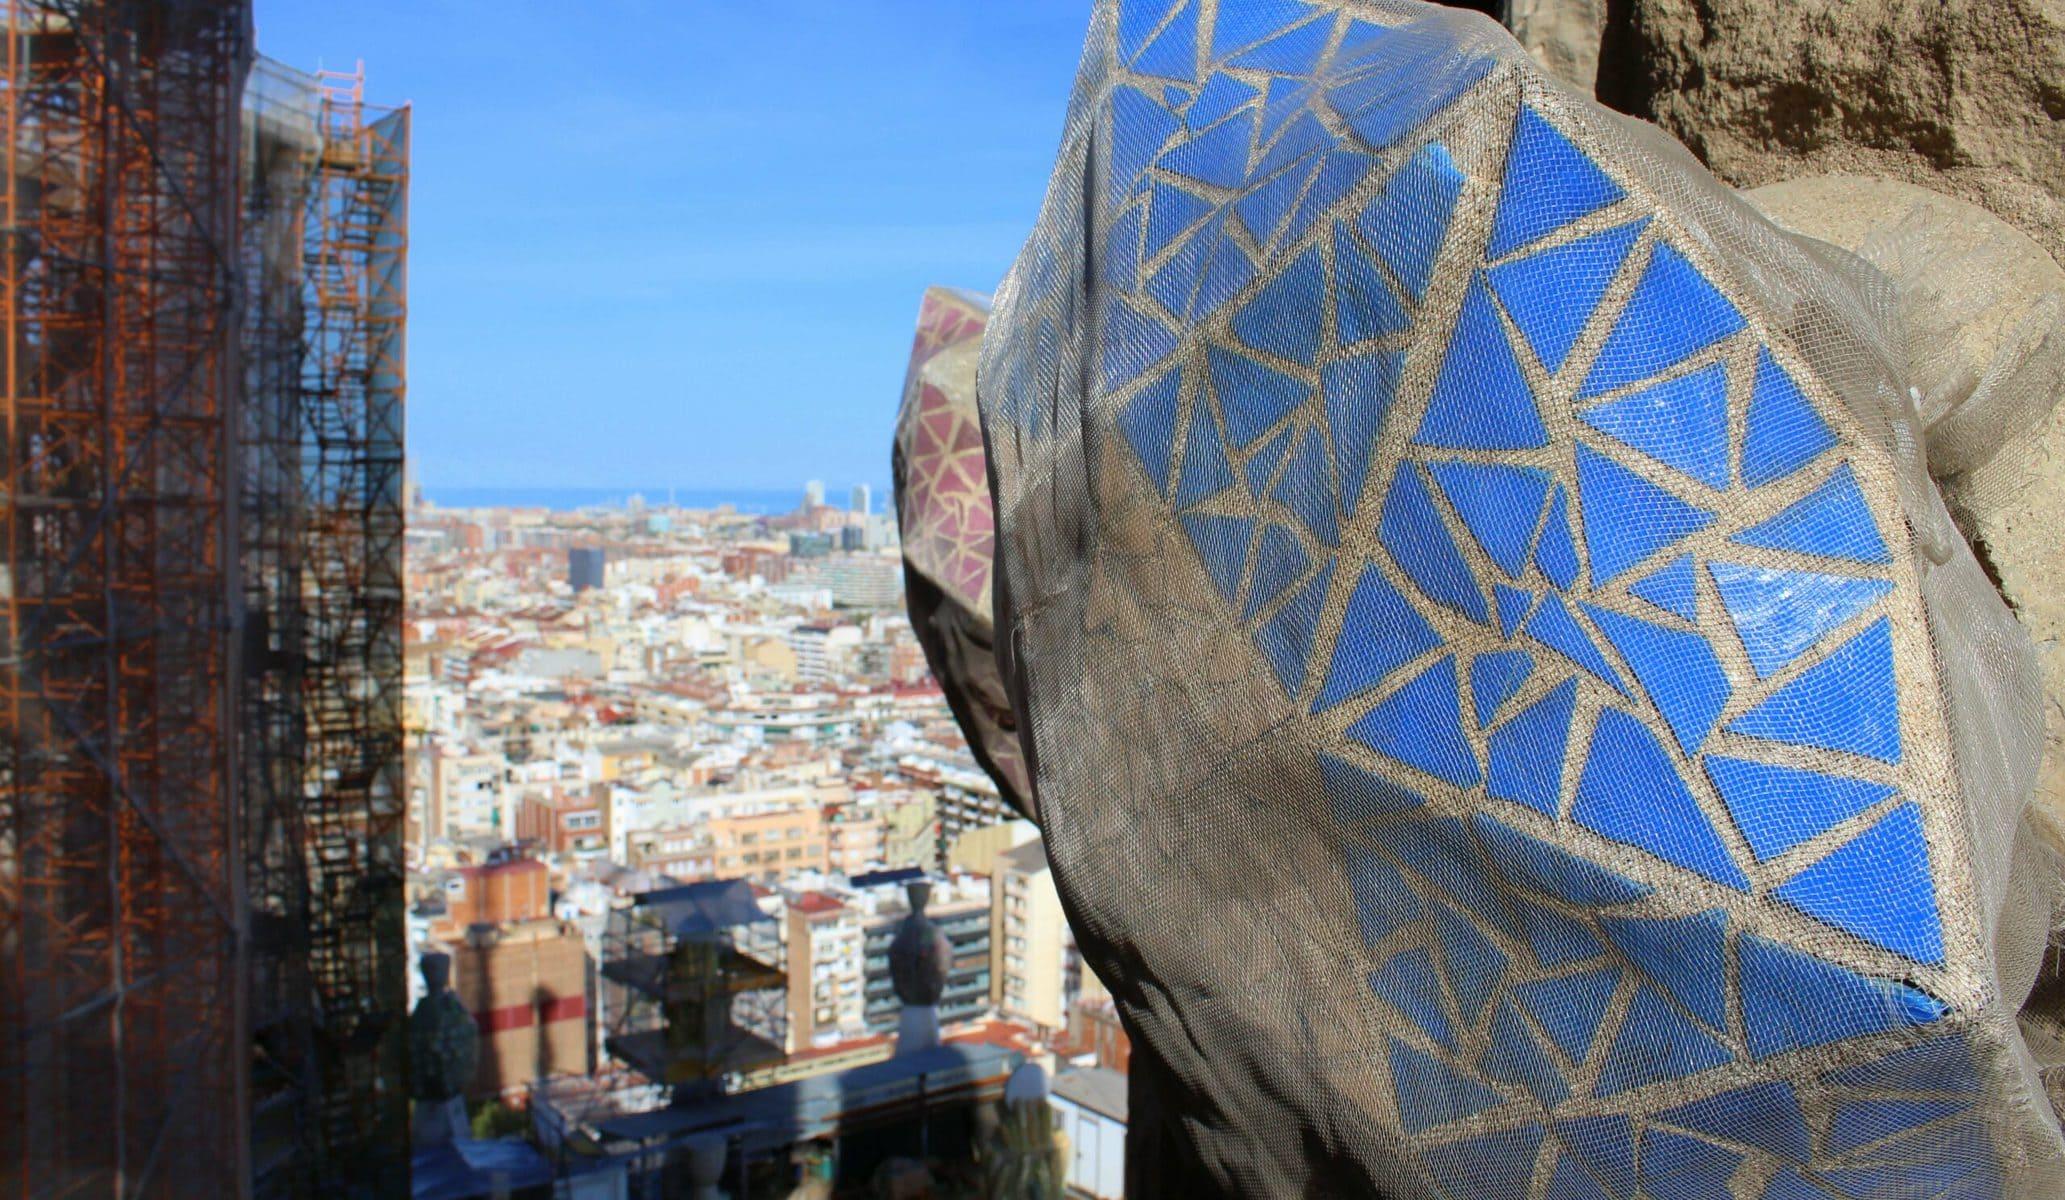 Sagrada Familia: Mit dem Aufzug hoch in die Türme der Passionsfassade - Blick über die Baustelle und Barcelona